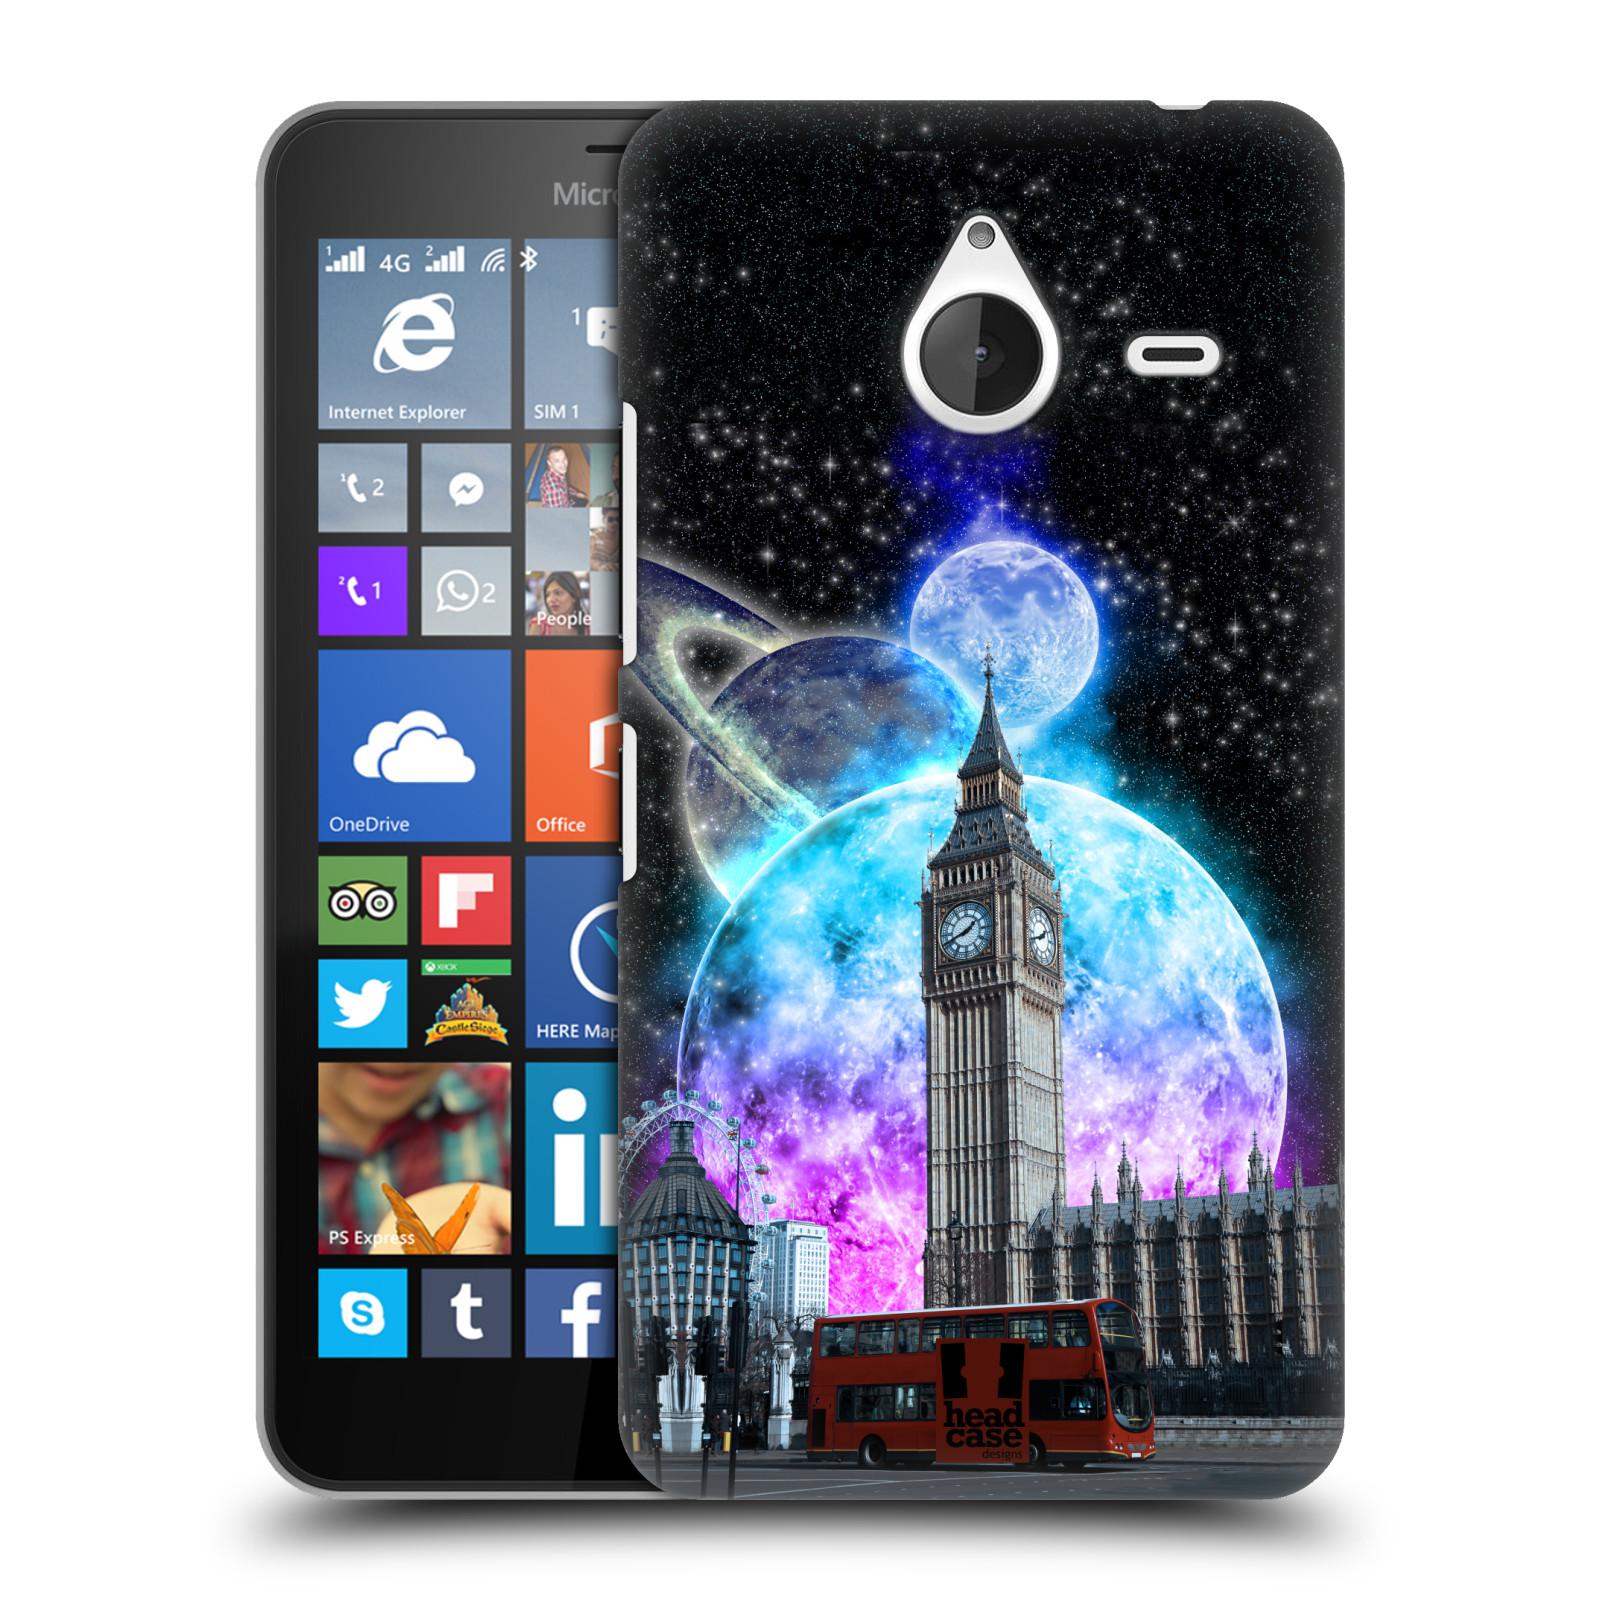 Plastové pouzdro na mobil Microsoft Lumia 640 XL Head Case - Měsíční Londýn (Plastový kryt či obal na mobilní telefon s motivem Londýna pro Microsoft Lumia 640 XL)